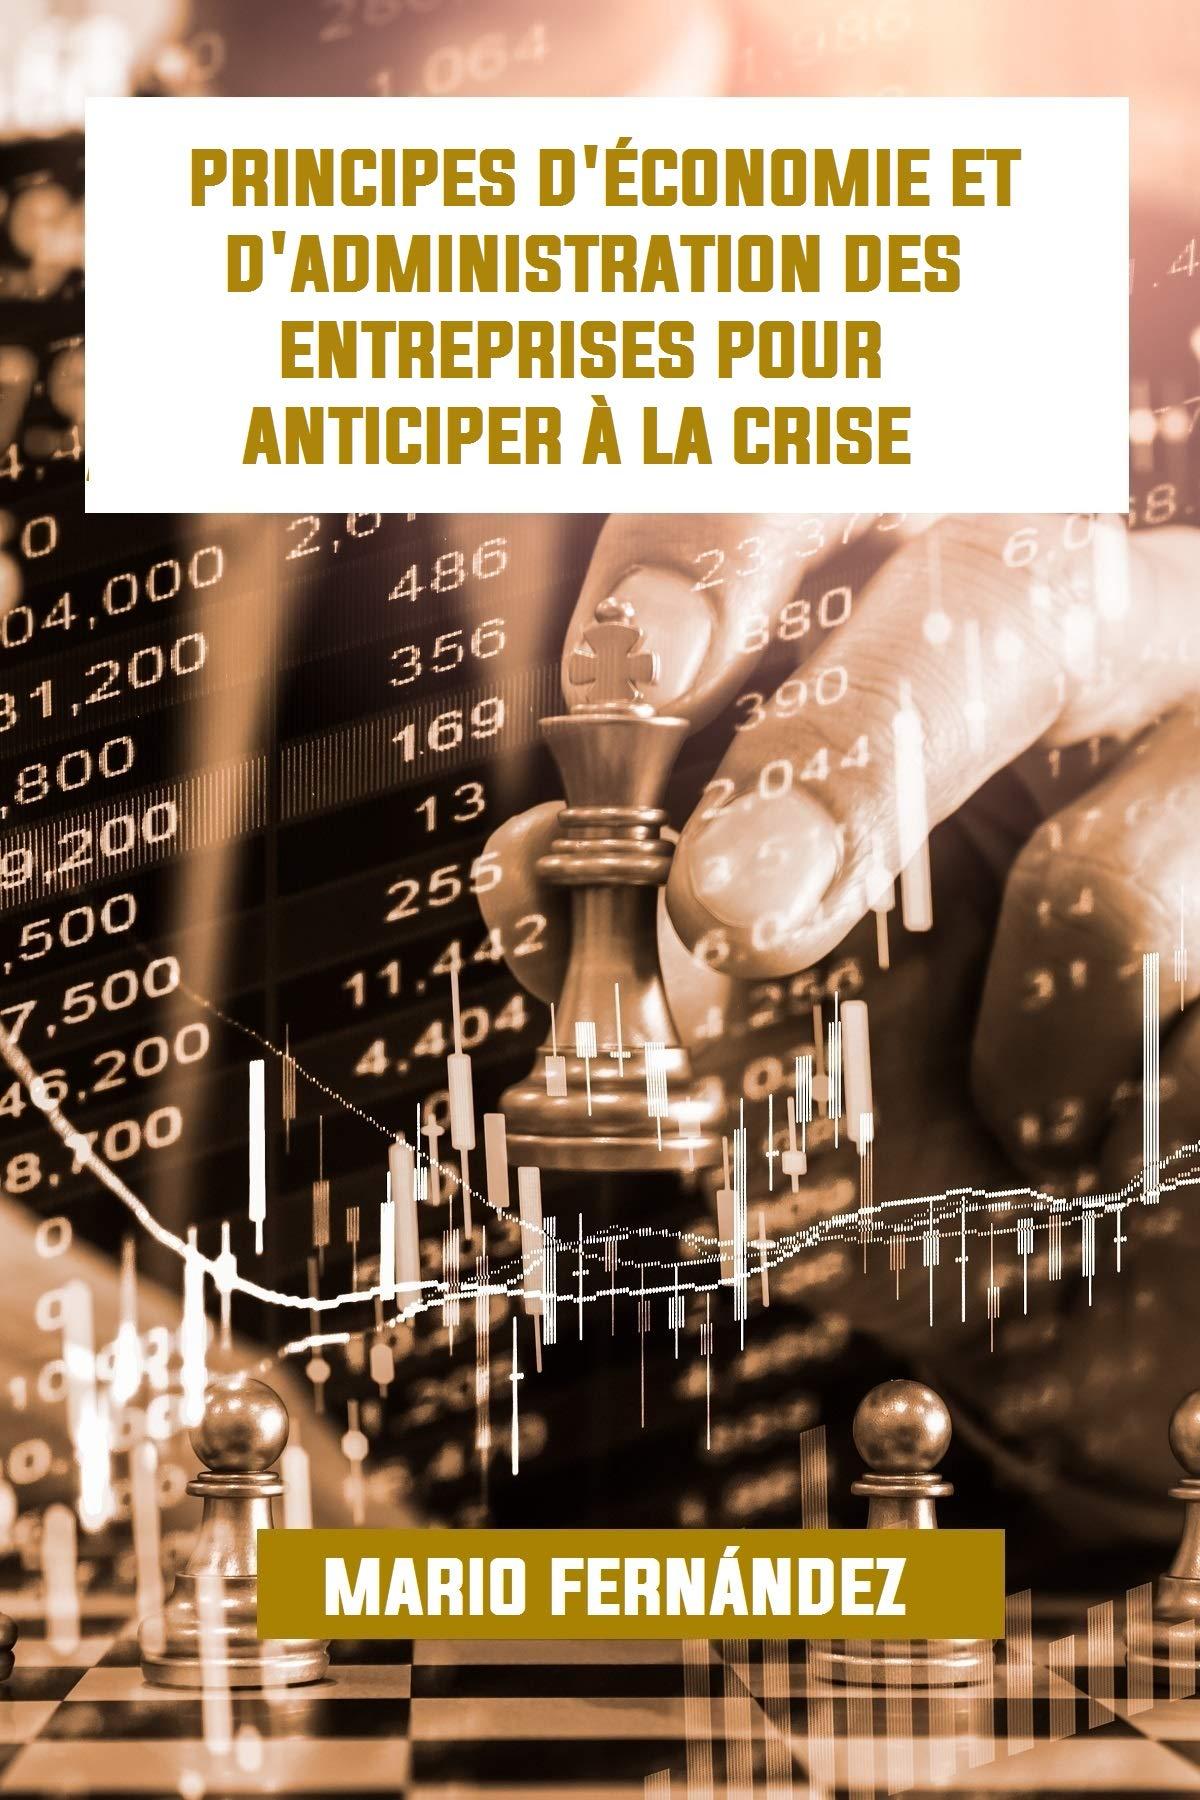 PRINCIPES D'ÉCONOMIE ET D'ADMINISTRATION DES ENTREPRISES POUR ANTICIPER À LA CRISE (French Edition)